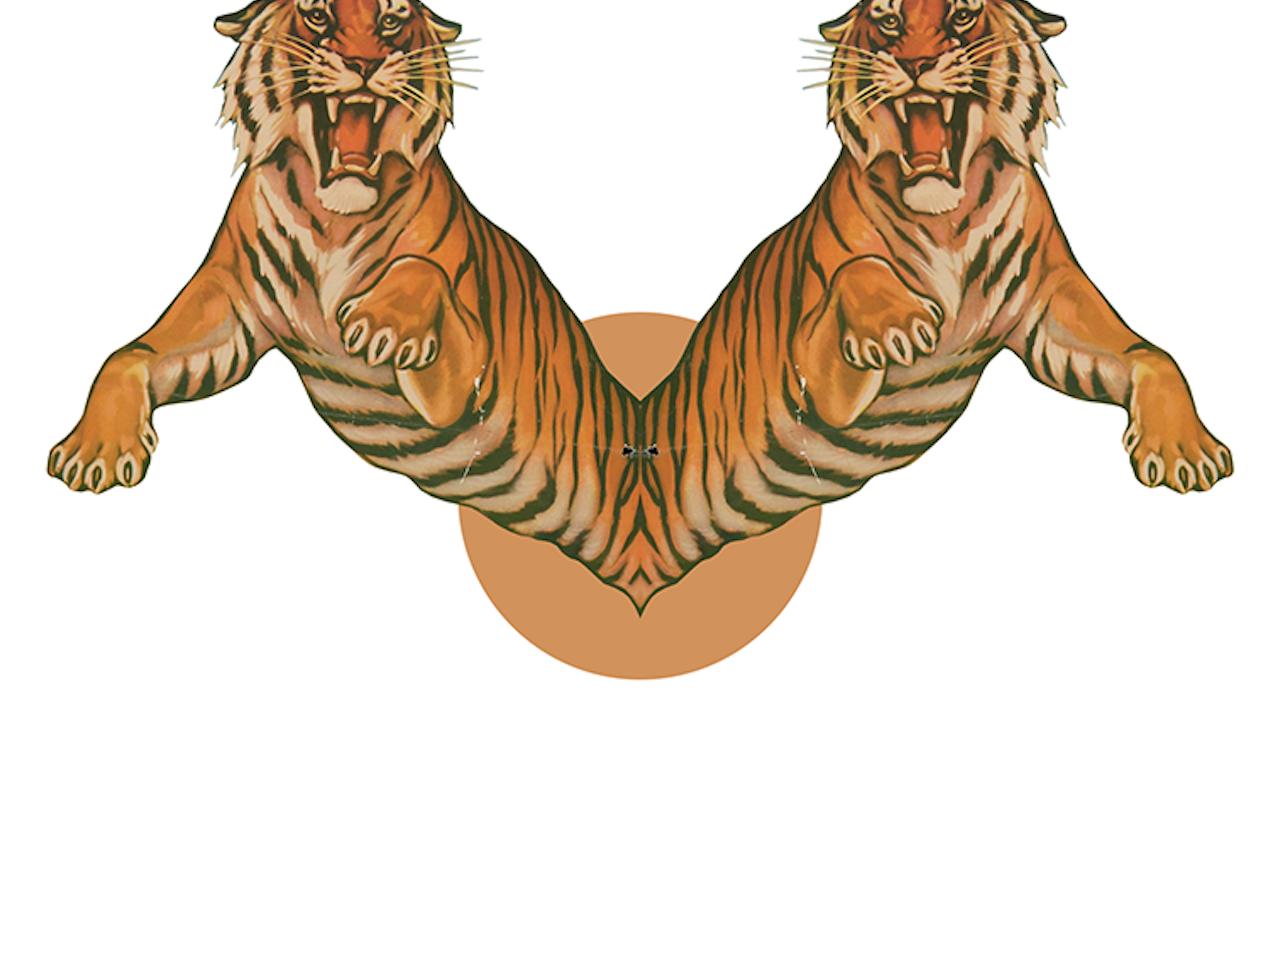 El jardín de los tigres que se bifurcan